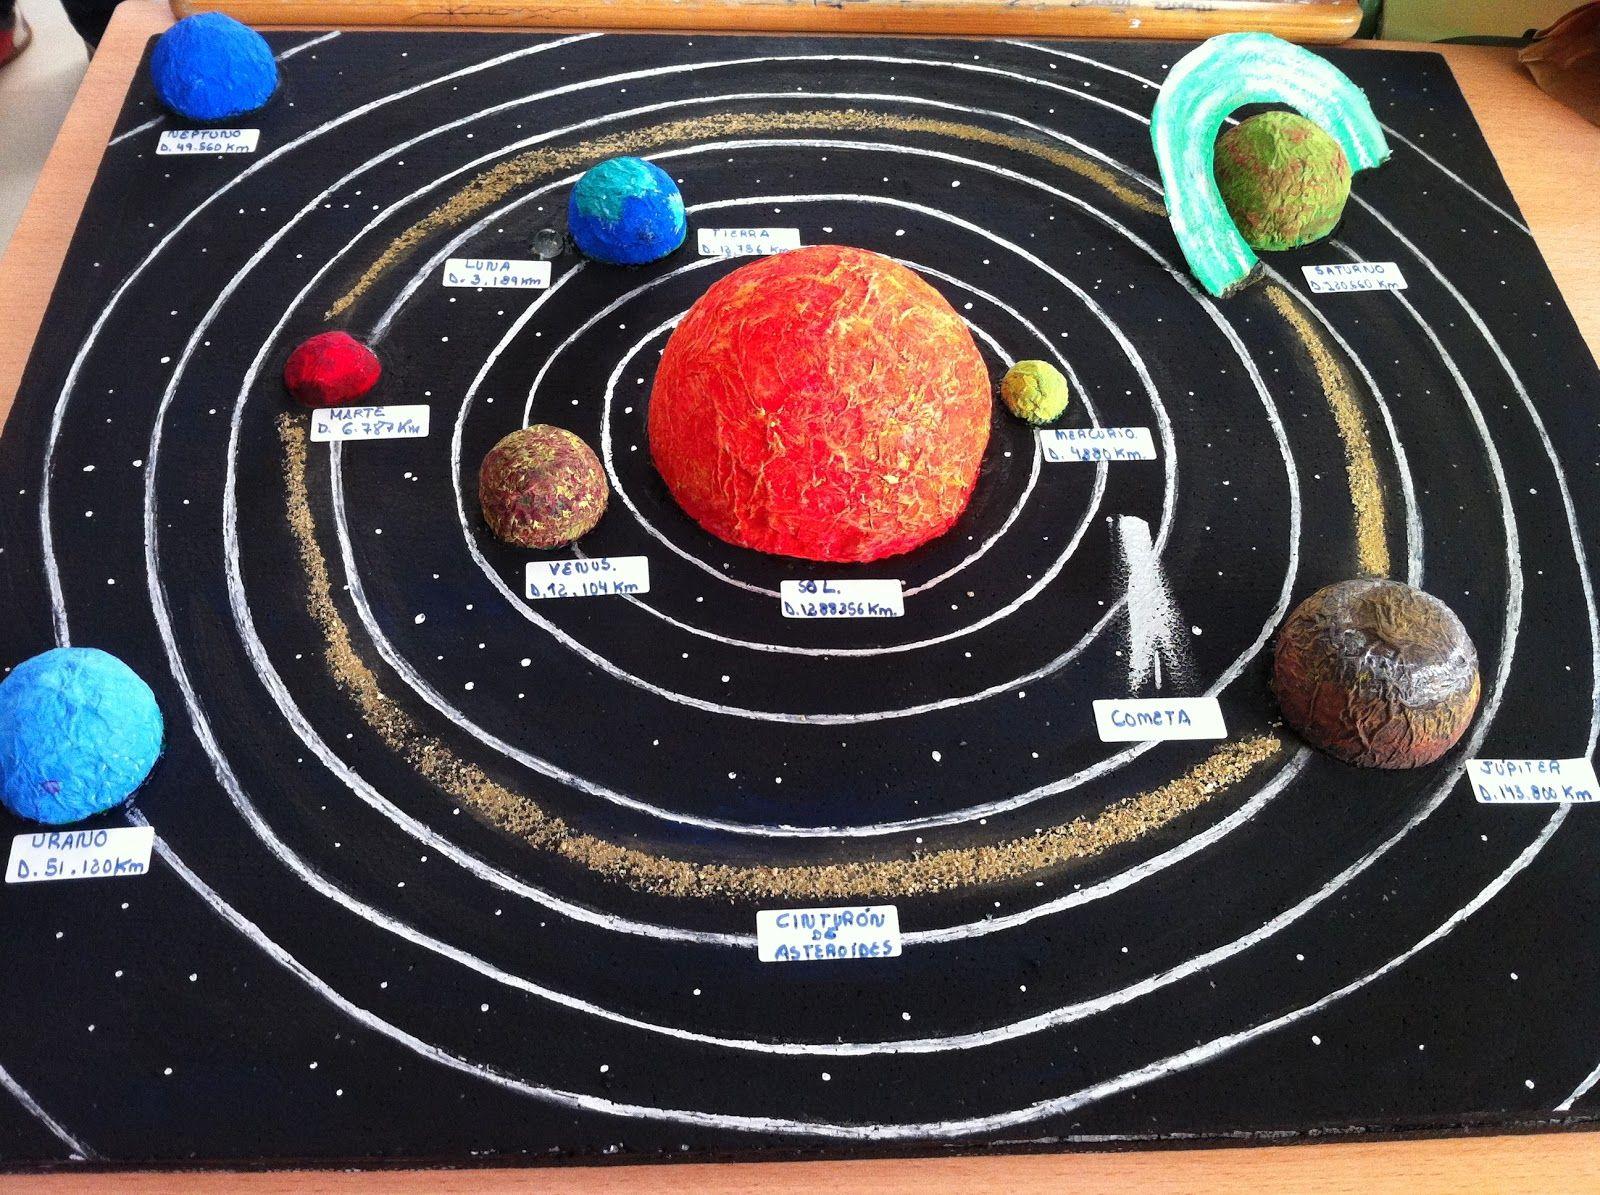 O Hacer Una Maqueta Del Sistema Solar